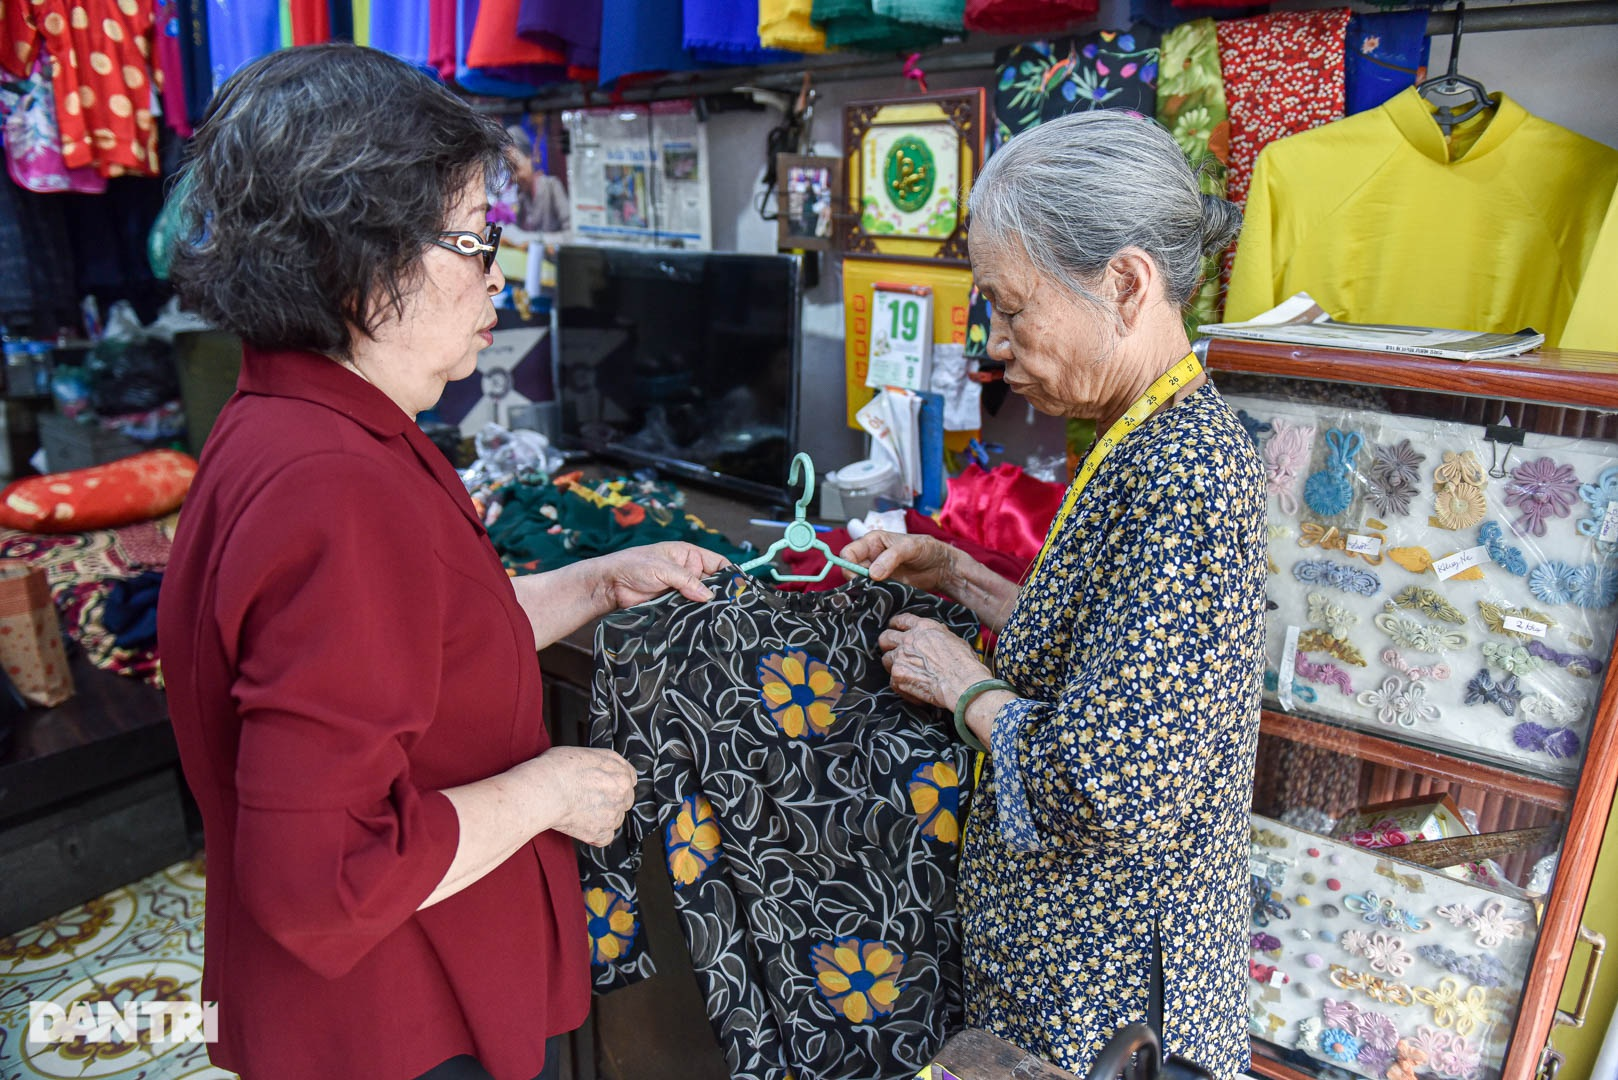 Tiệm áo dài 4 đời được trả 400 cây vàng mà không bán của cụ bà 81 tuổi - 2